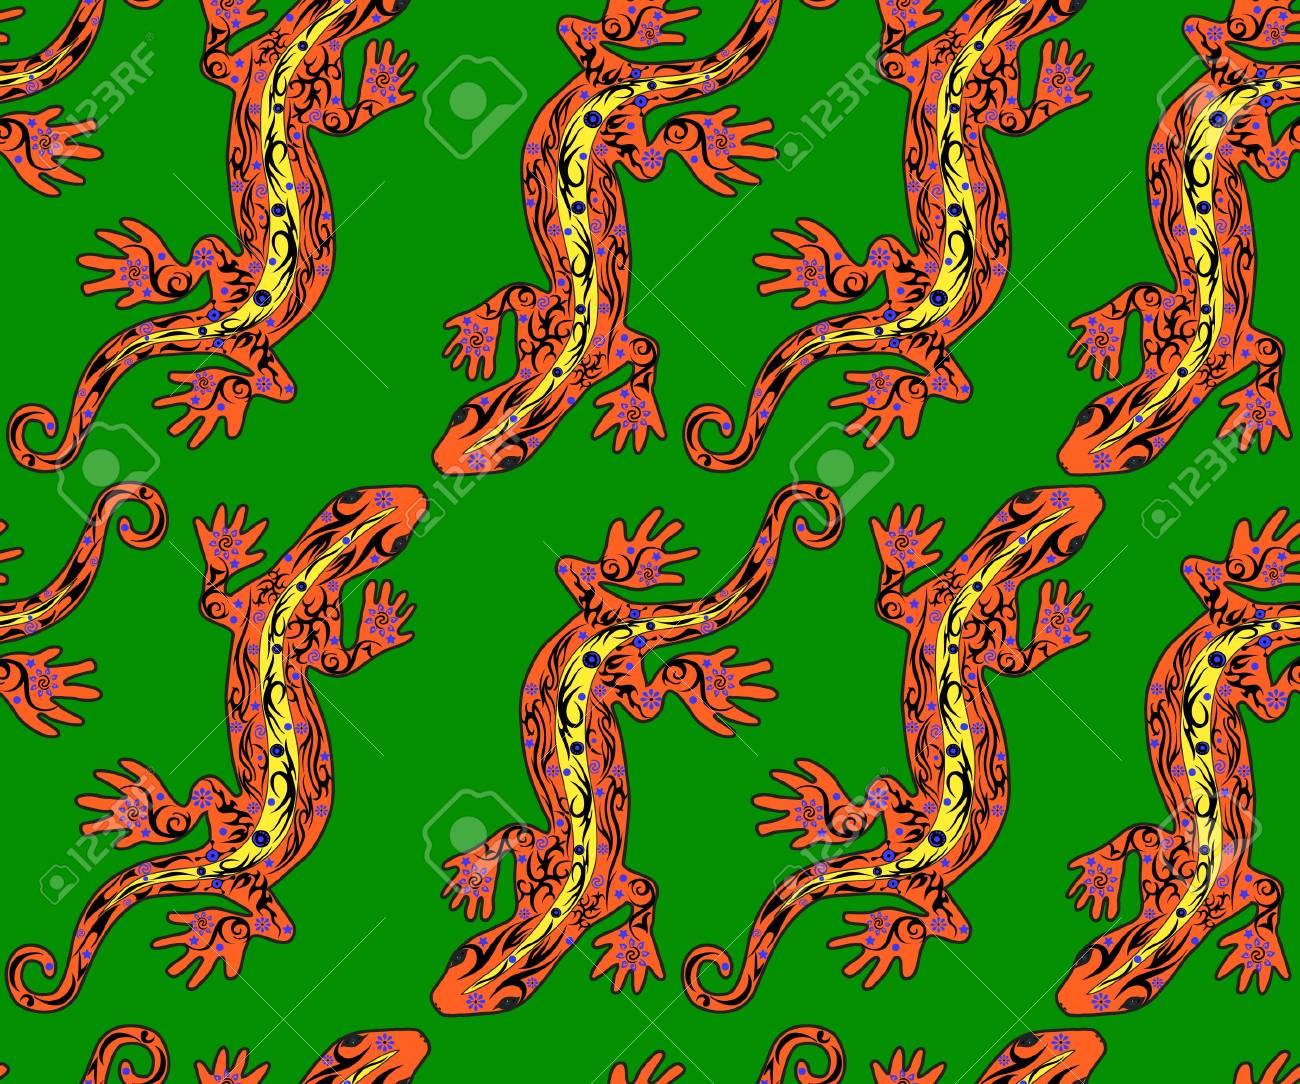 トカゲ パターン、シームレス パターンで爬虫類を描画する皮膚の花